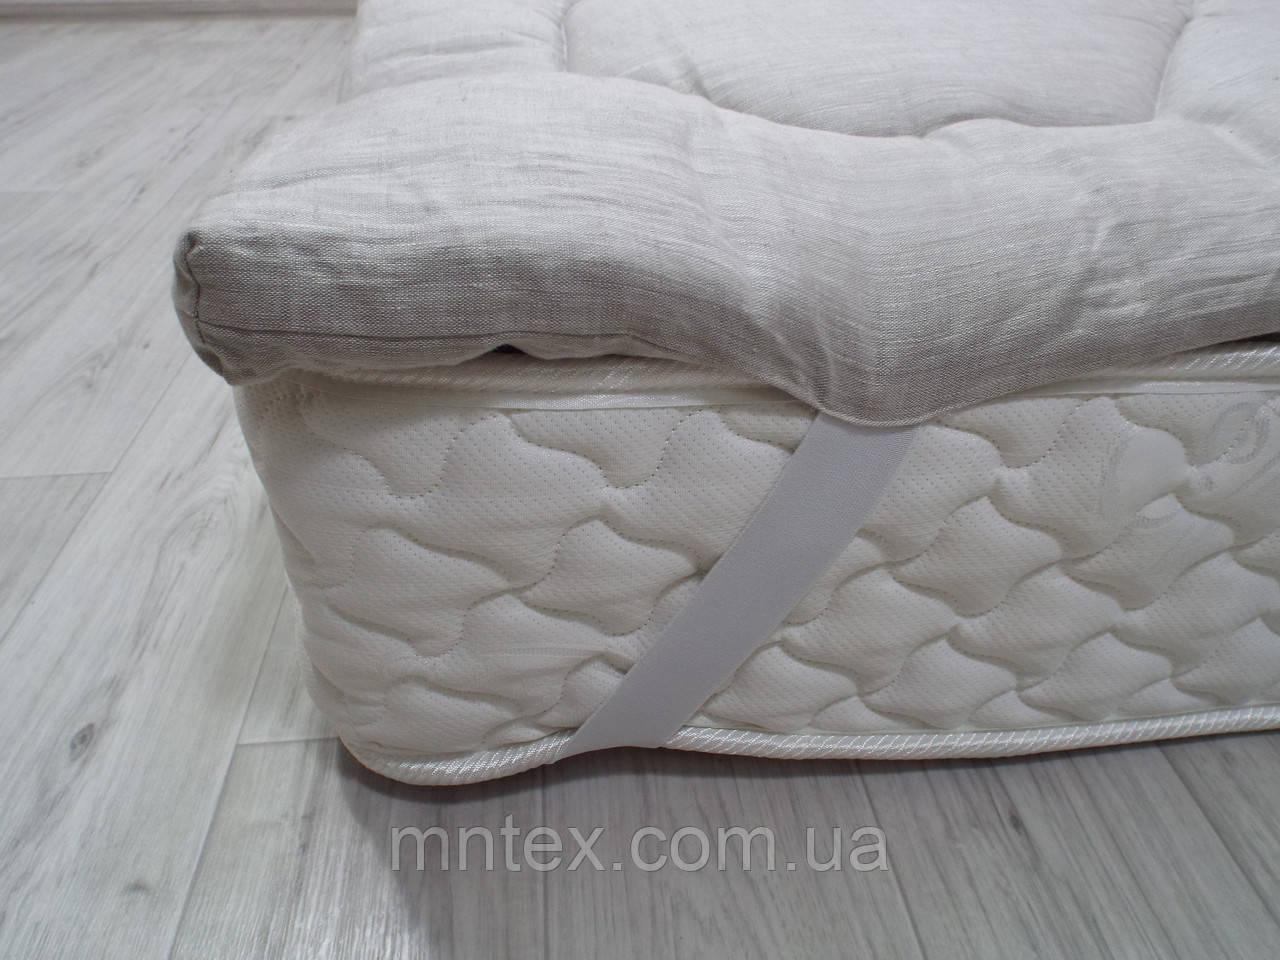 Топер з конопляного волокна, покриття льон